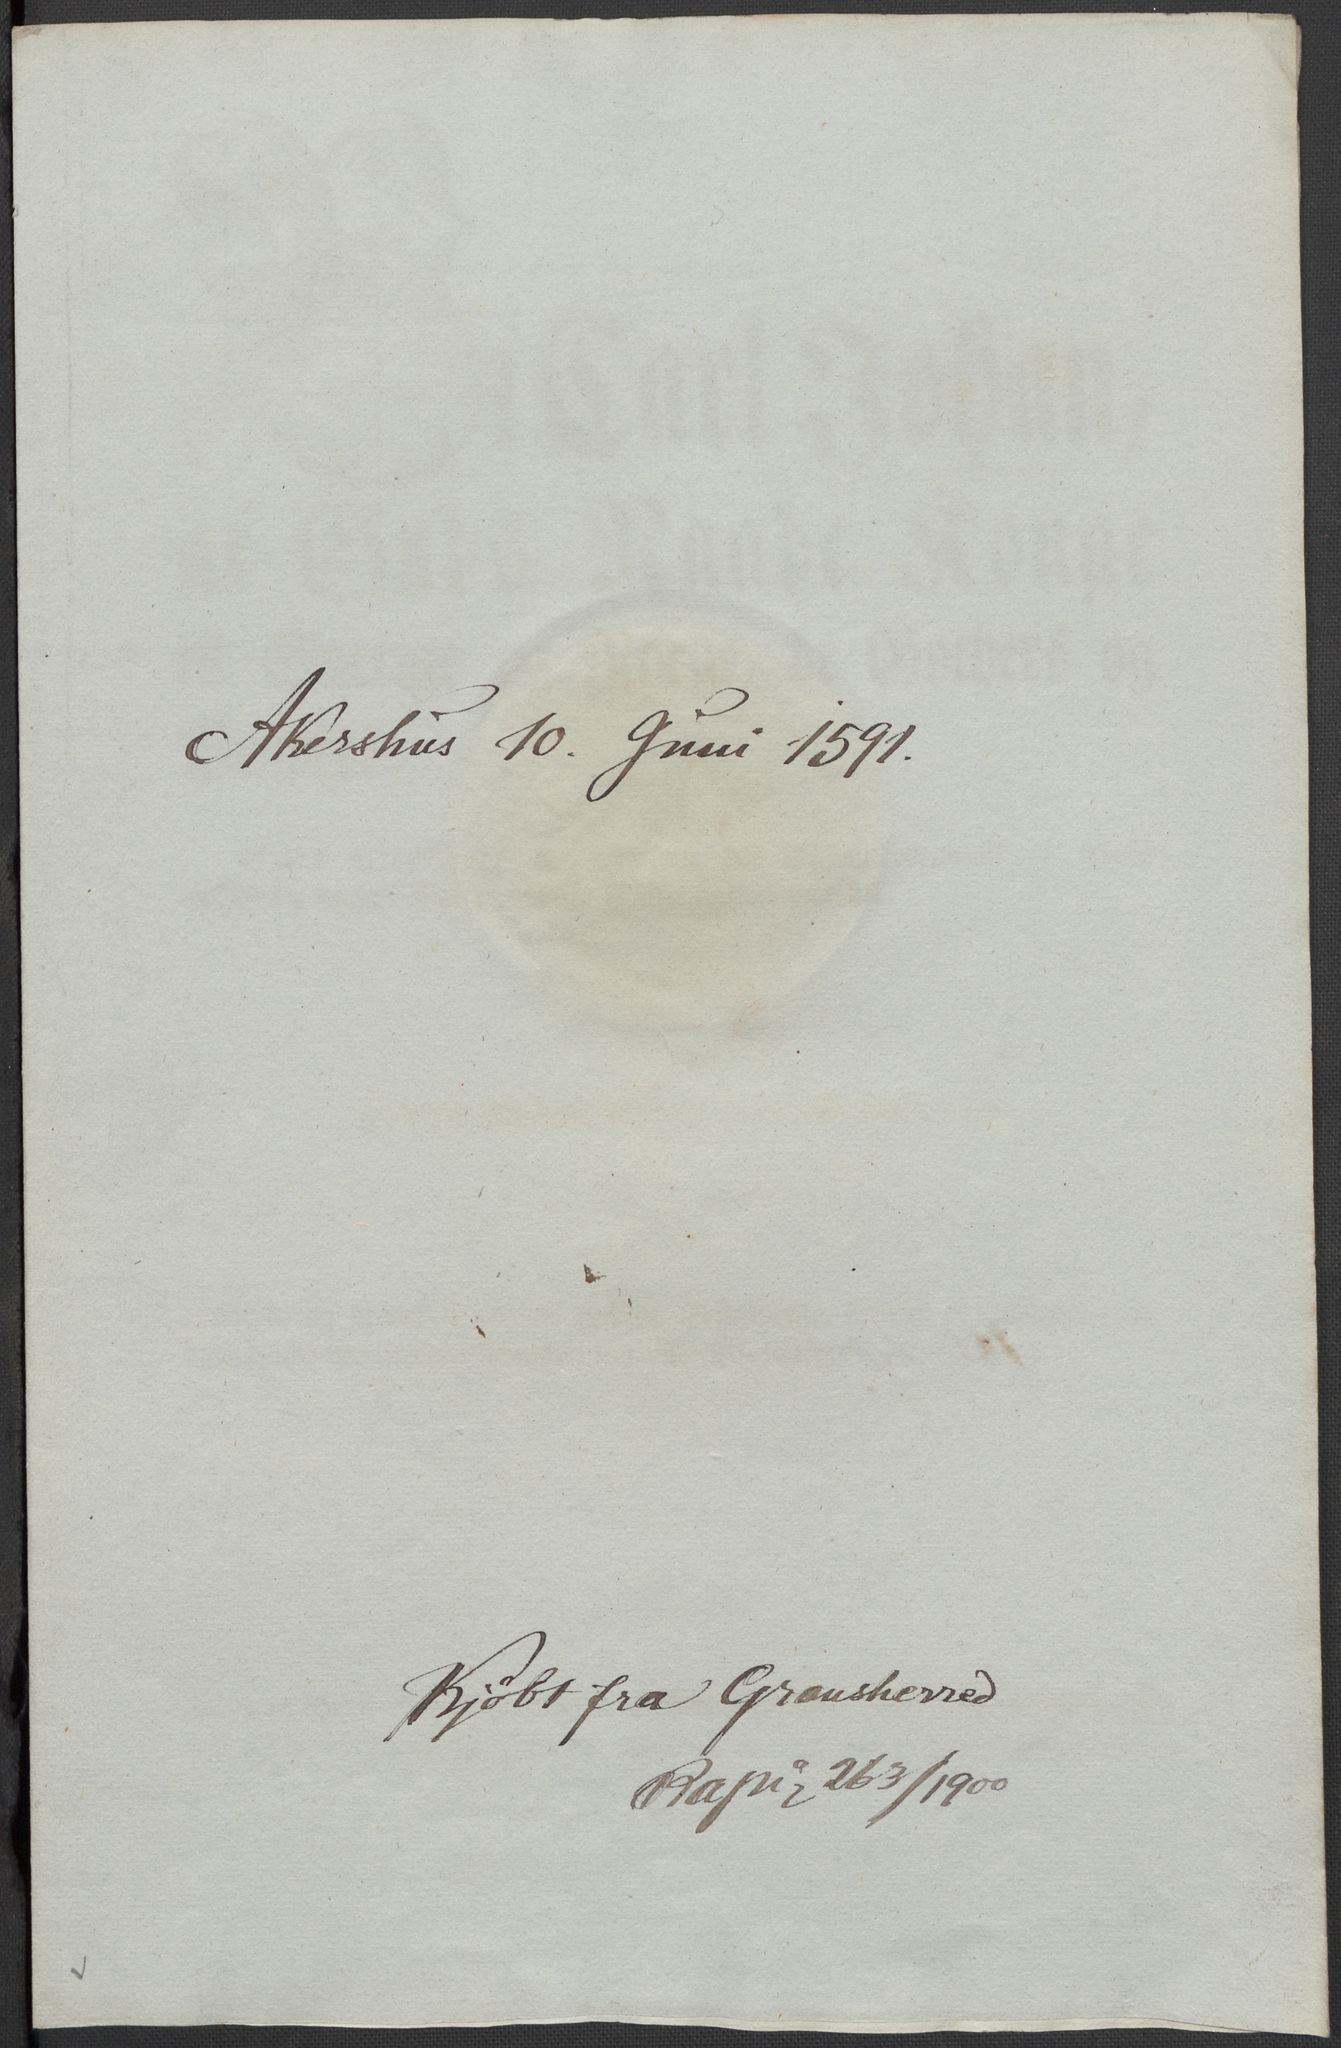 RA, Riksarkivets diplomsamling, F02/L0093: Dokumenter, 1591, s. 99